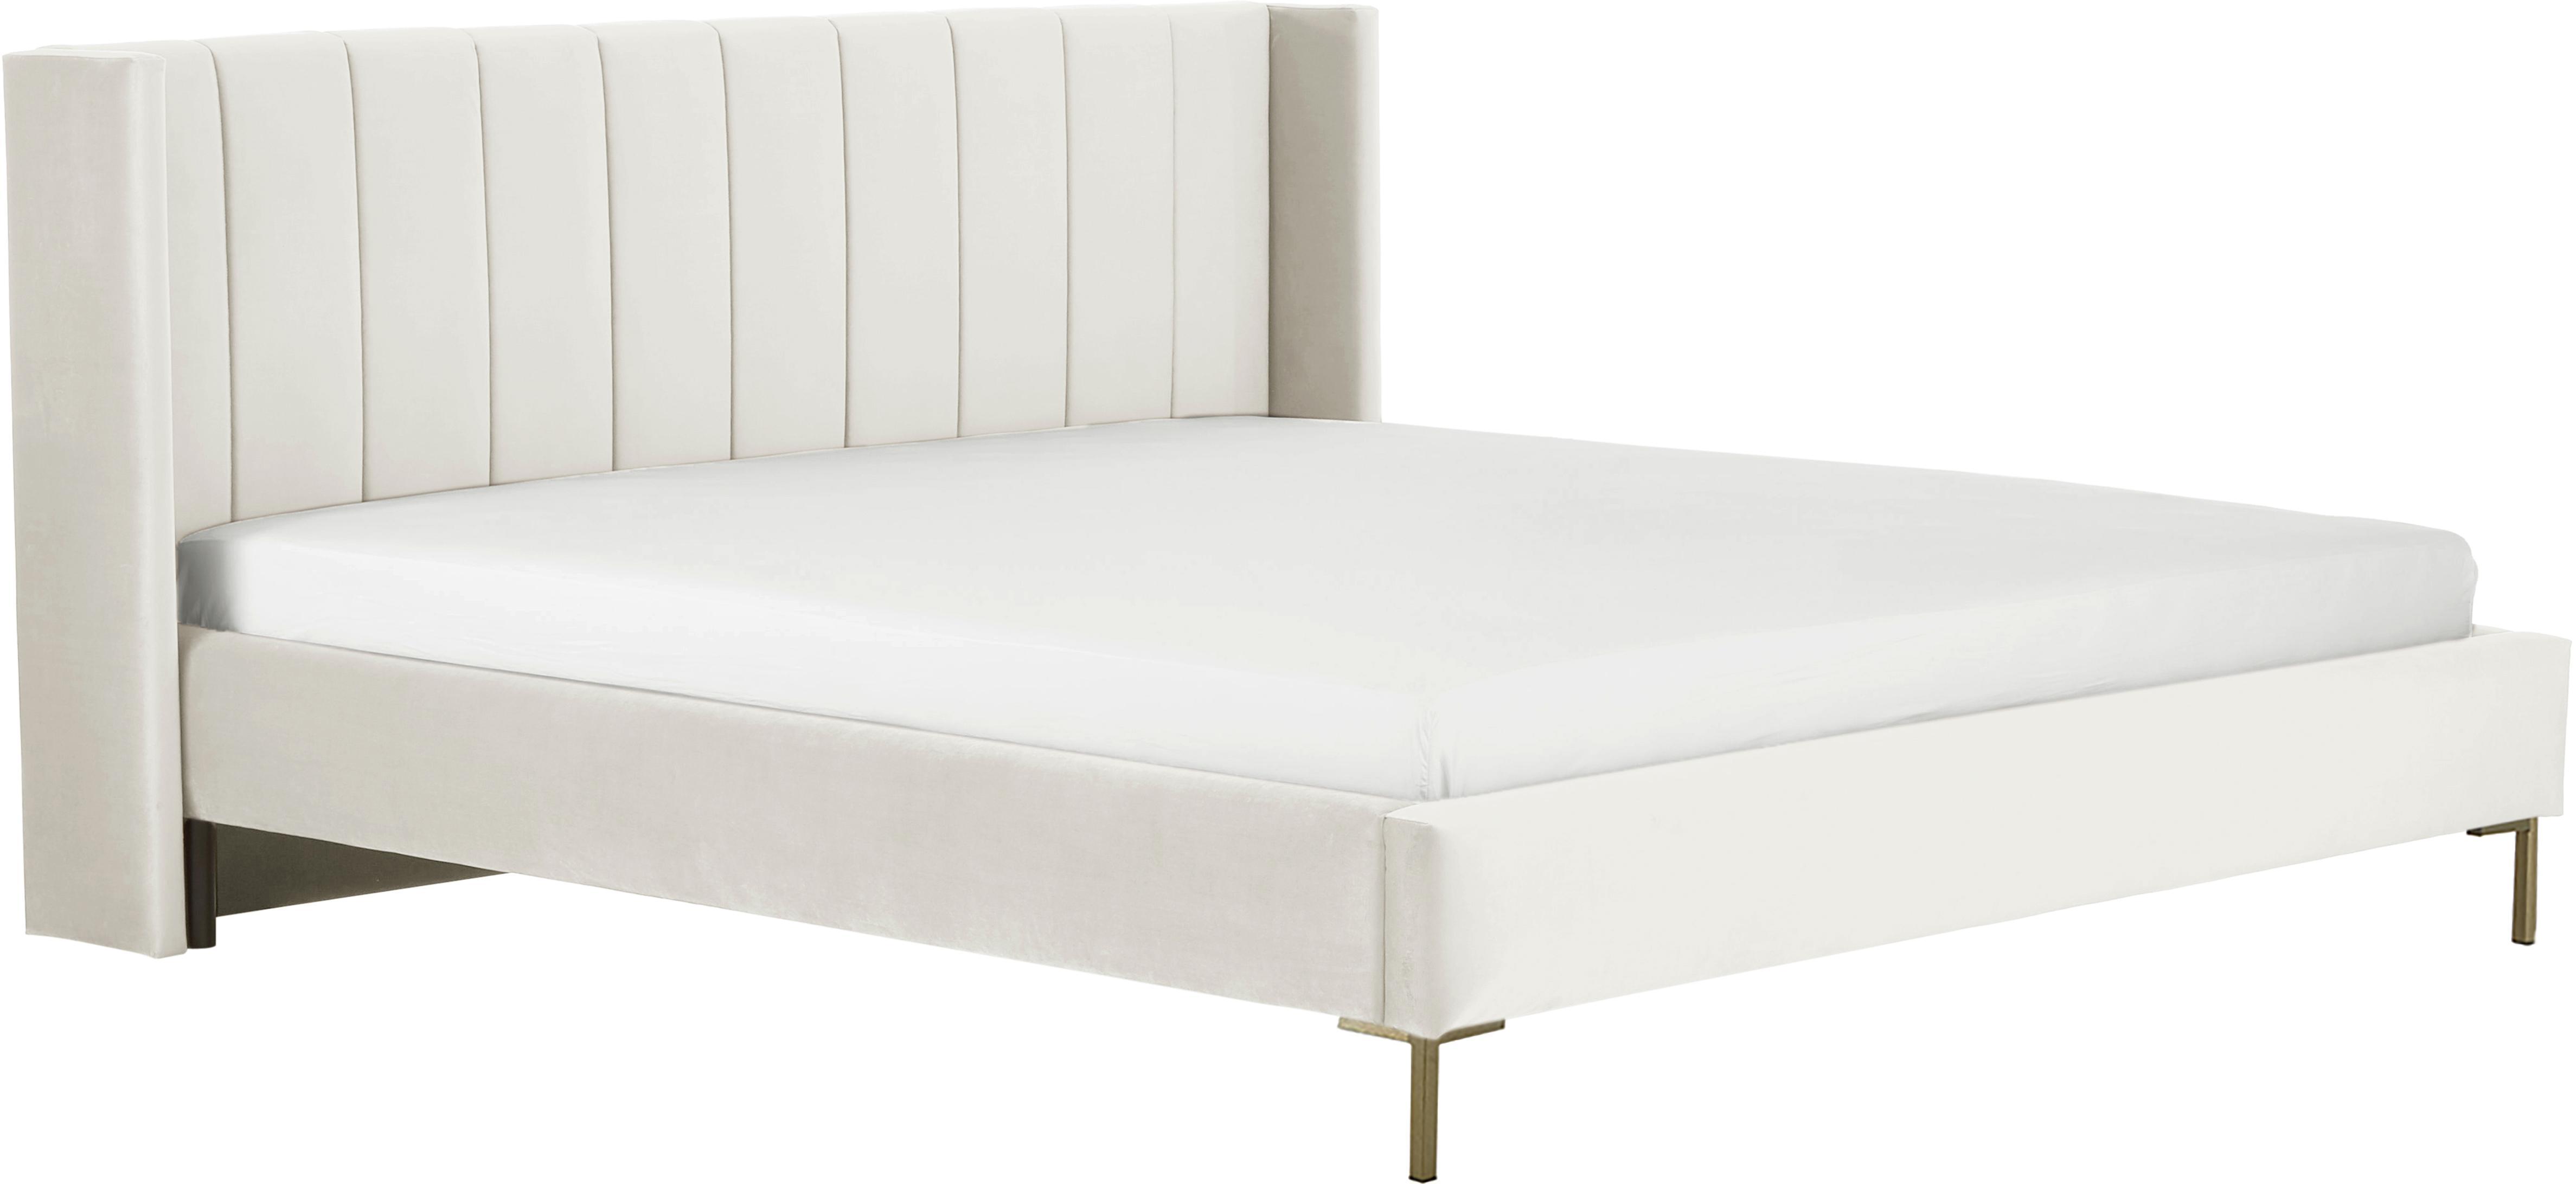 Łóżko tapicerowane z aksamitu Dusk, Korpus: lite drewno sosnowe, Nogi: metal malowany proszkowo, Tapicerka: aksamit poliestrowy 3000, Beżowy, 200 x 200 cm